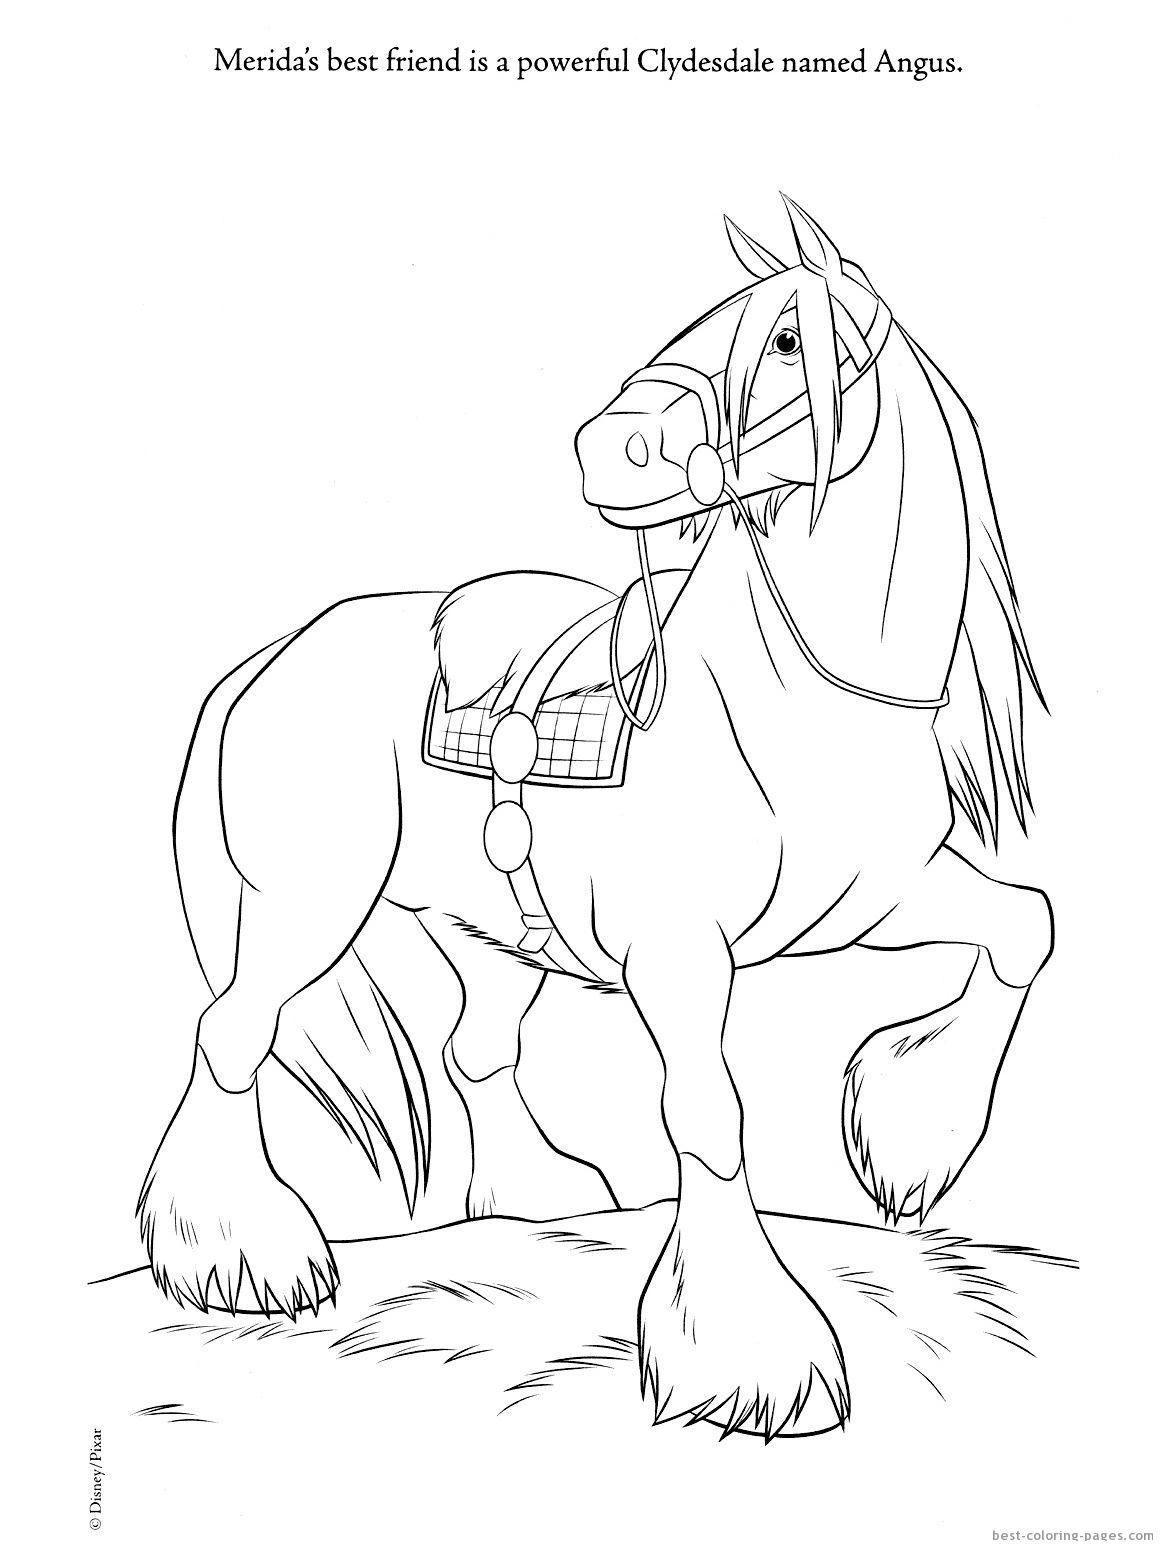 Merida Brave Coloring Sheets Pixar Movie Brave Coloring Pages And Coloring Pictures Of Merida Horse Coloring Pages Horse Coloring Books Horse Coloring